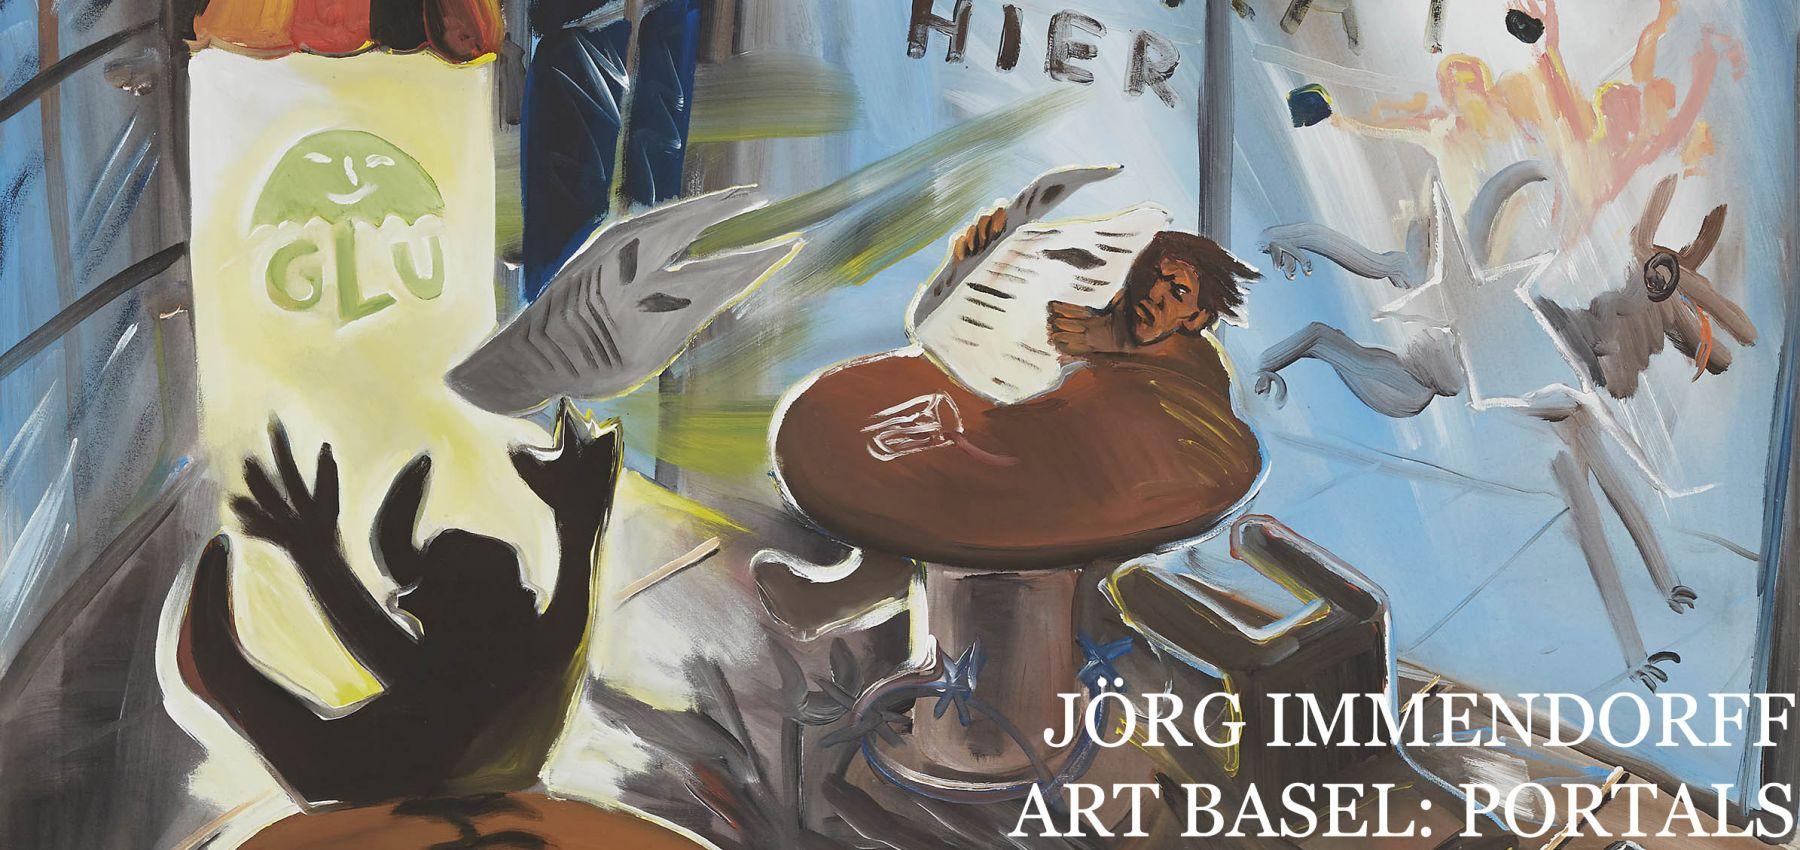 Art Basel OVR Portals: Jörg Immendorff